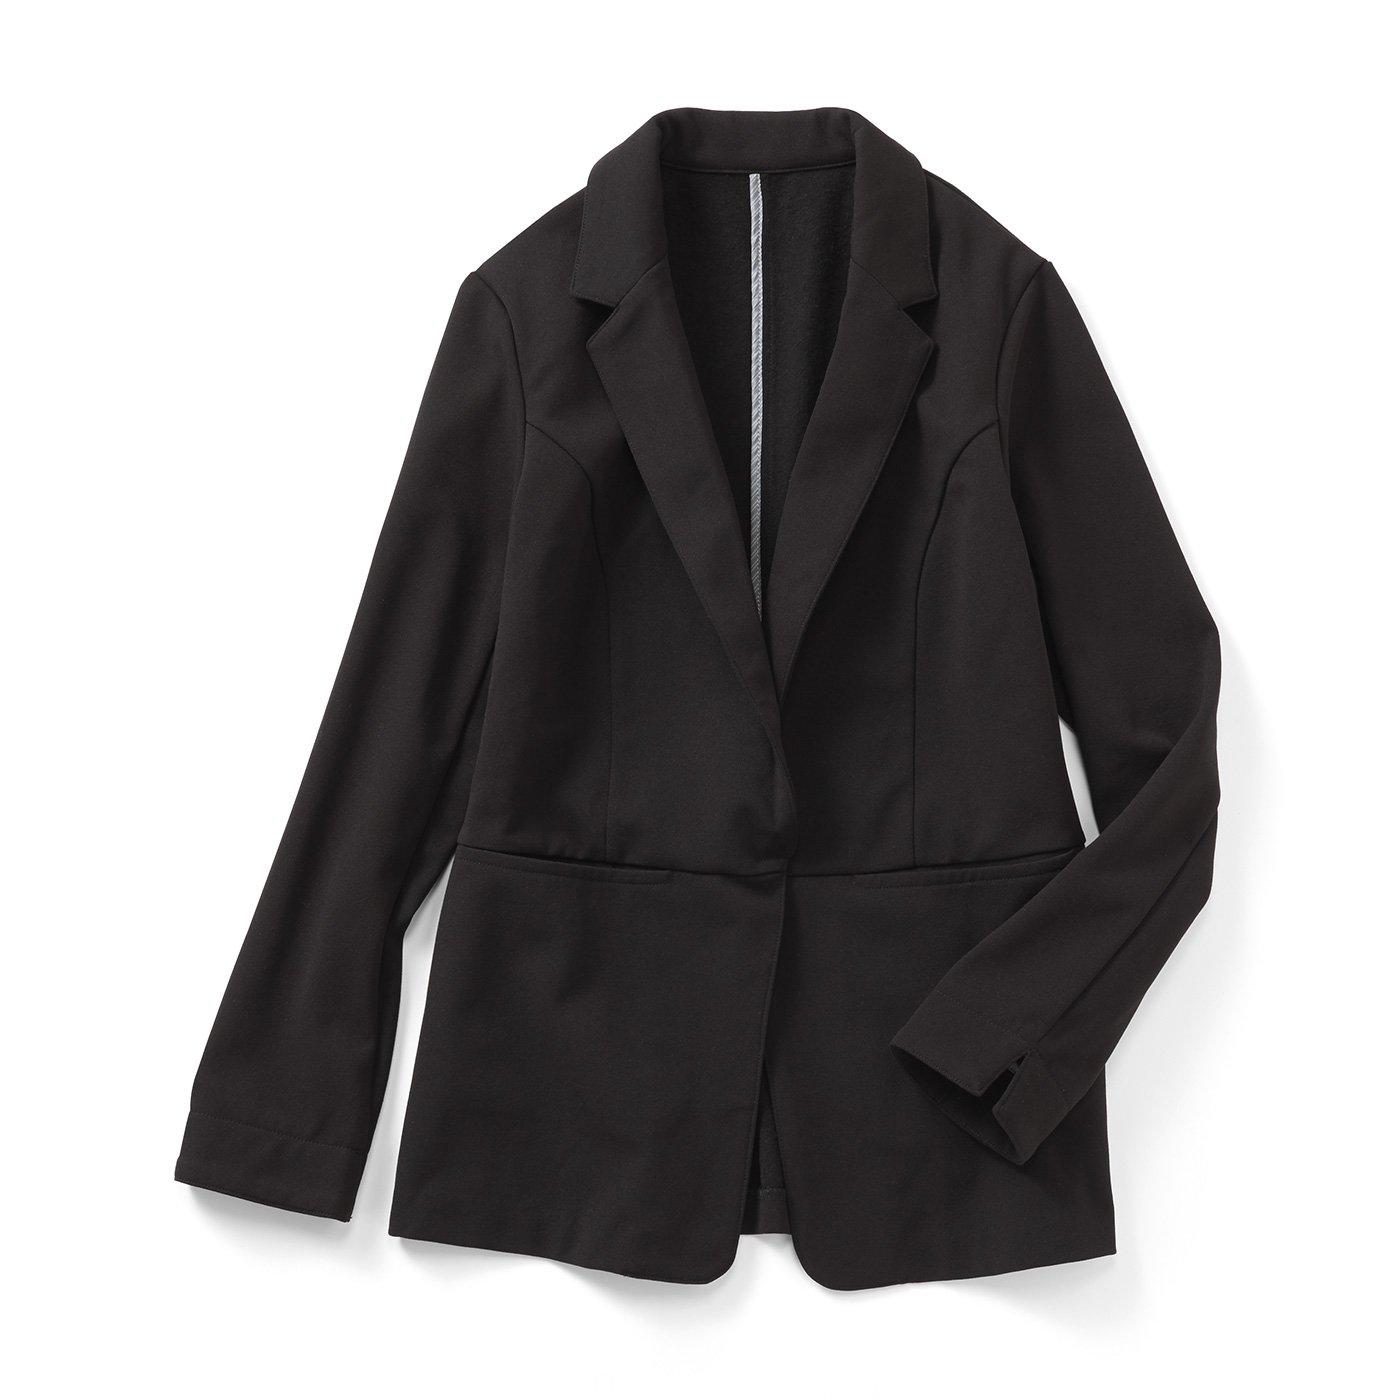 IEDIT[イディット] 帯電防止がうれしい 裏起毛ジョーゼット素材であったかきれいなバレエフィット(R)ジャケット〈ブラック〉